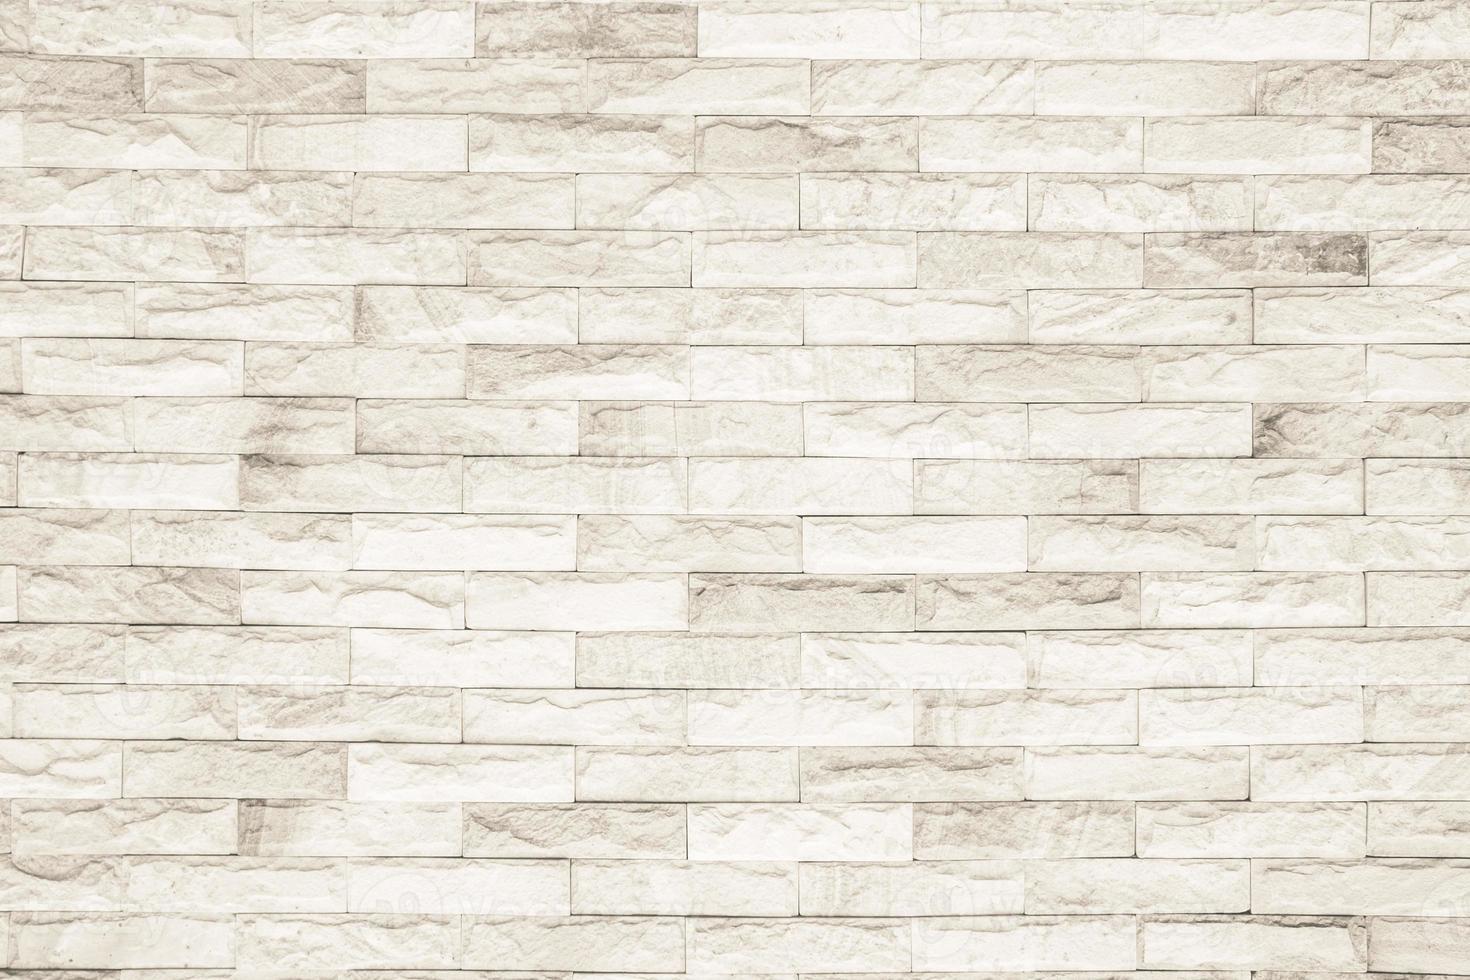 zwart-wit bakstenen muur textuur achtergrond foto